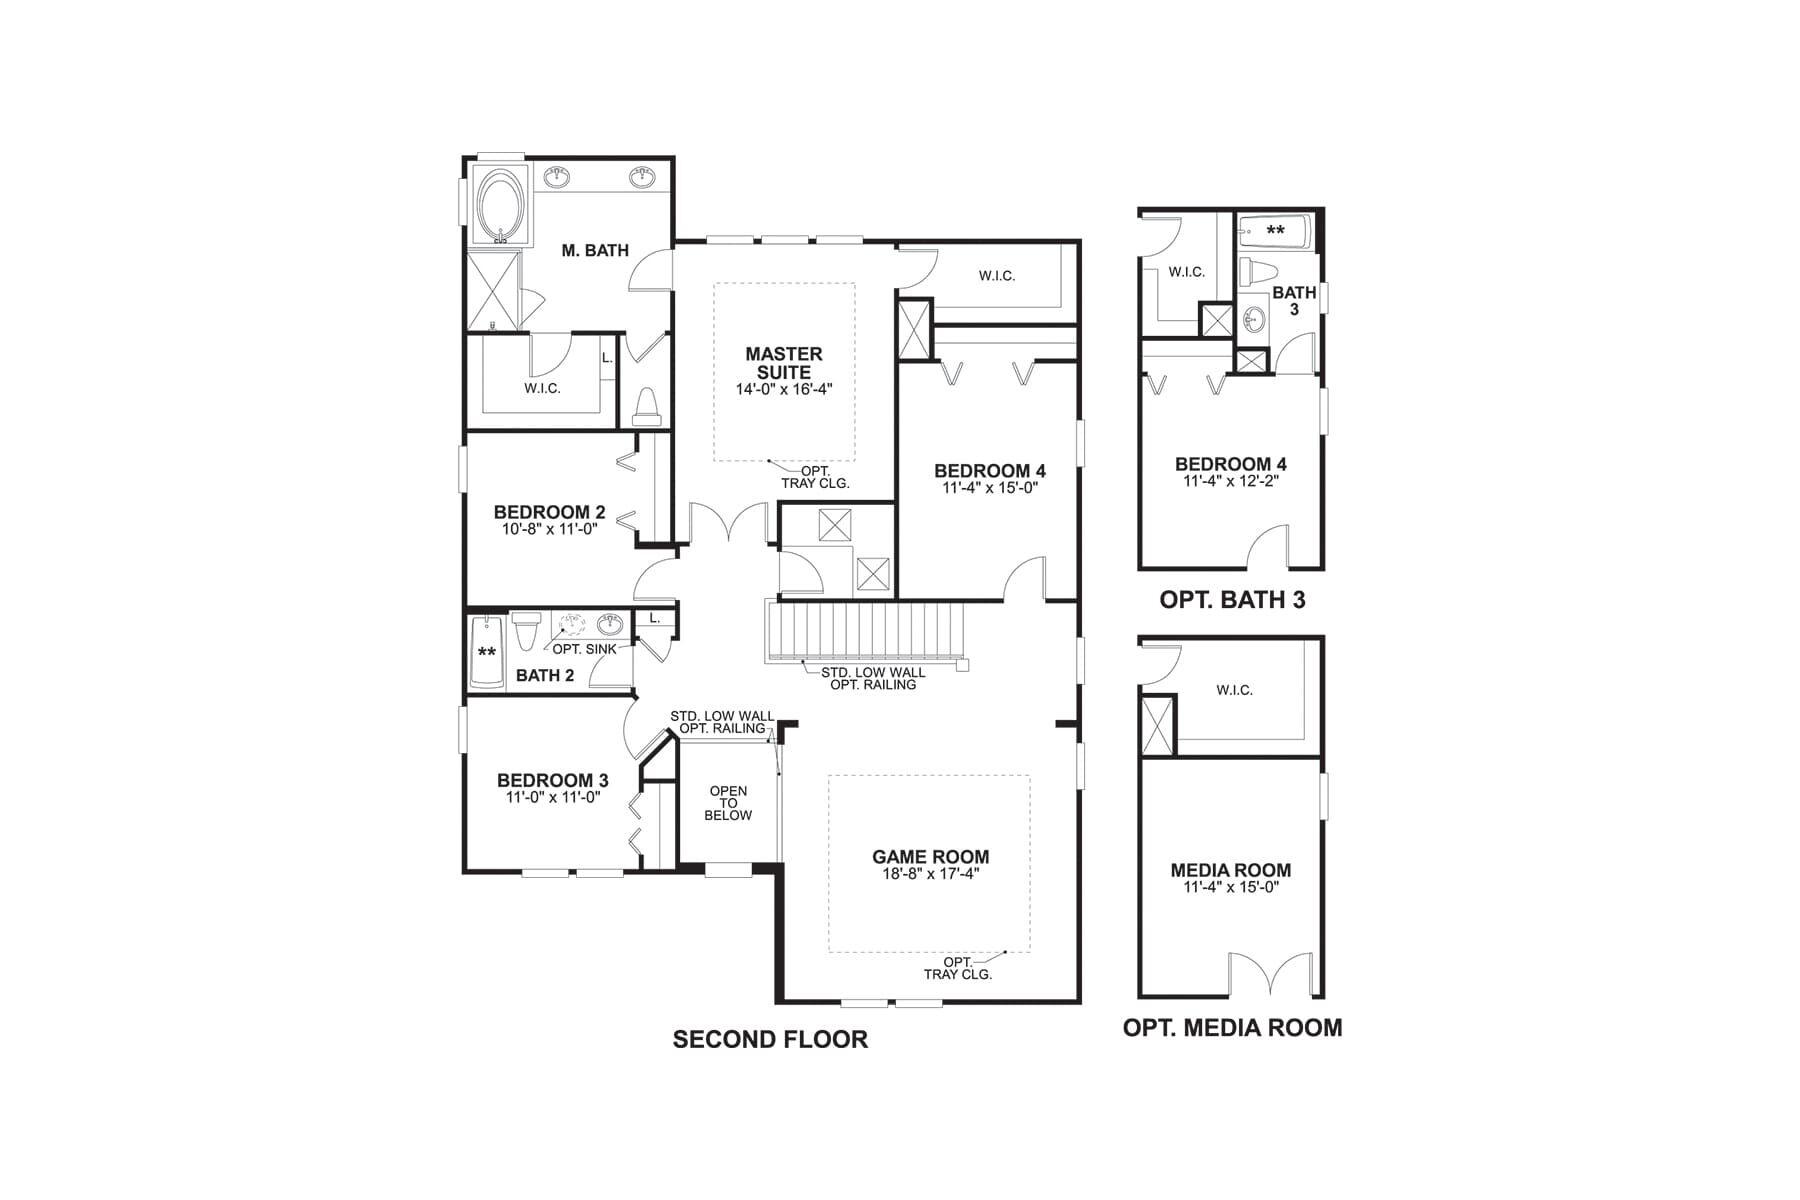 Coronado II Second Floor